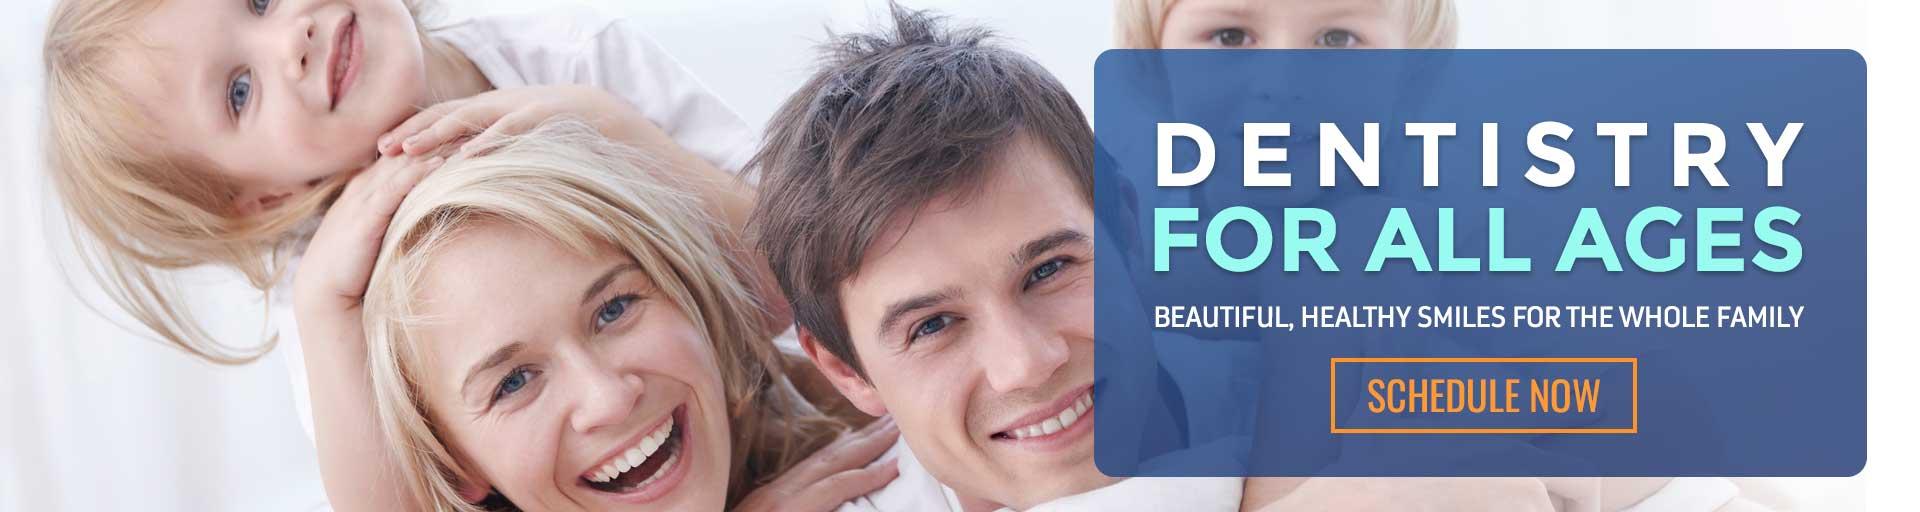 TFD_HomePage_slider_DentistryForAllAges